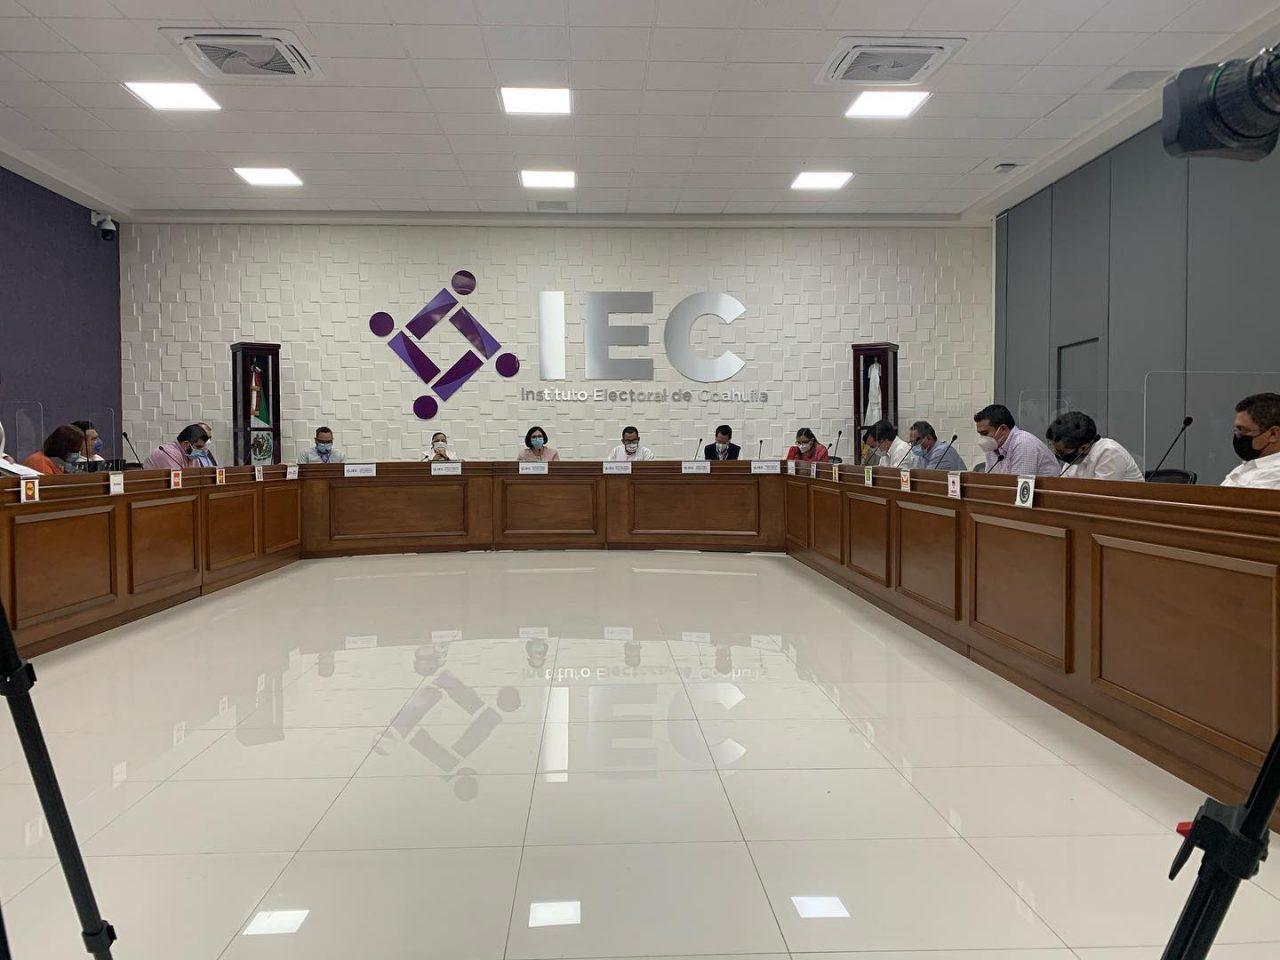 Instituto-Electoral-de-Coahuila-en-sesion-permanente-1280x960.jpg